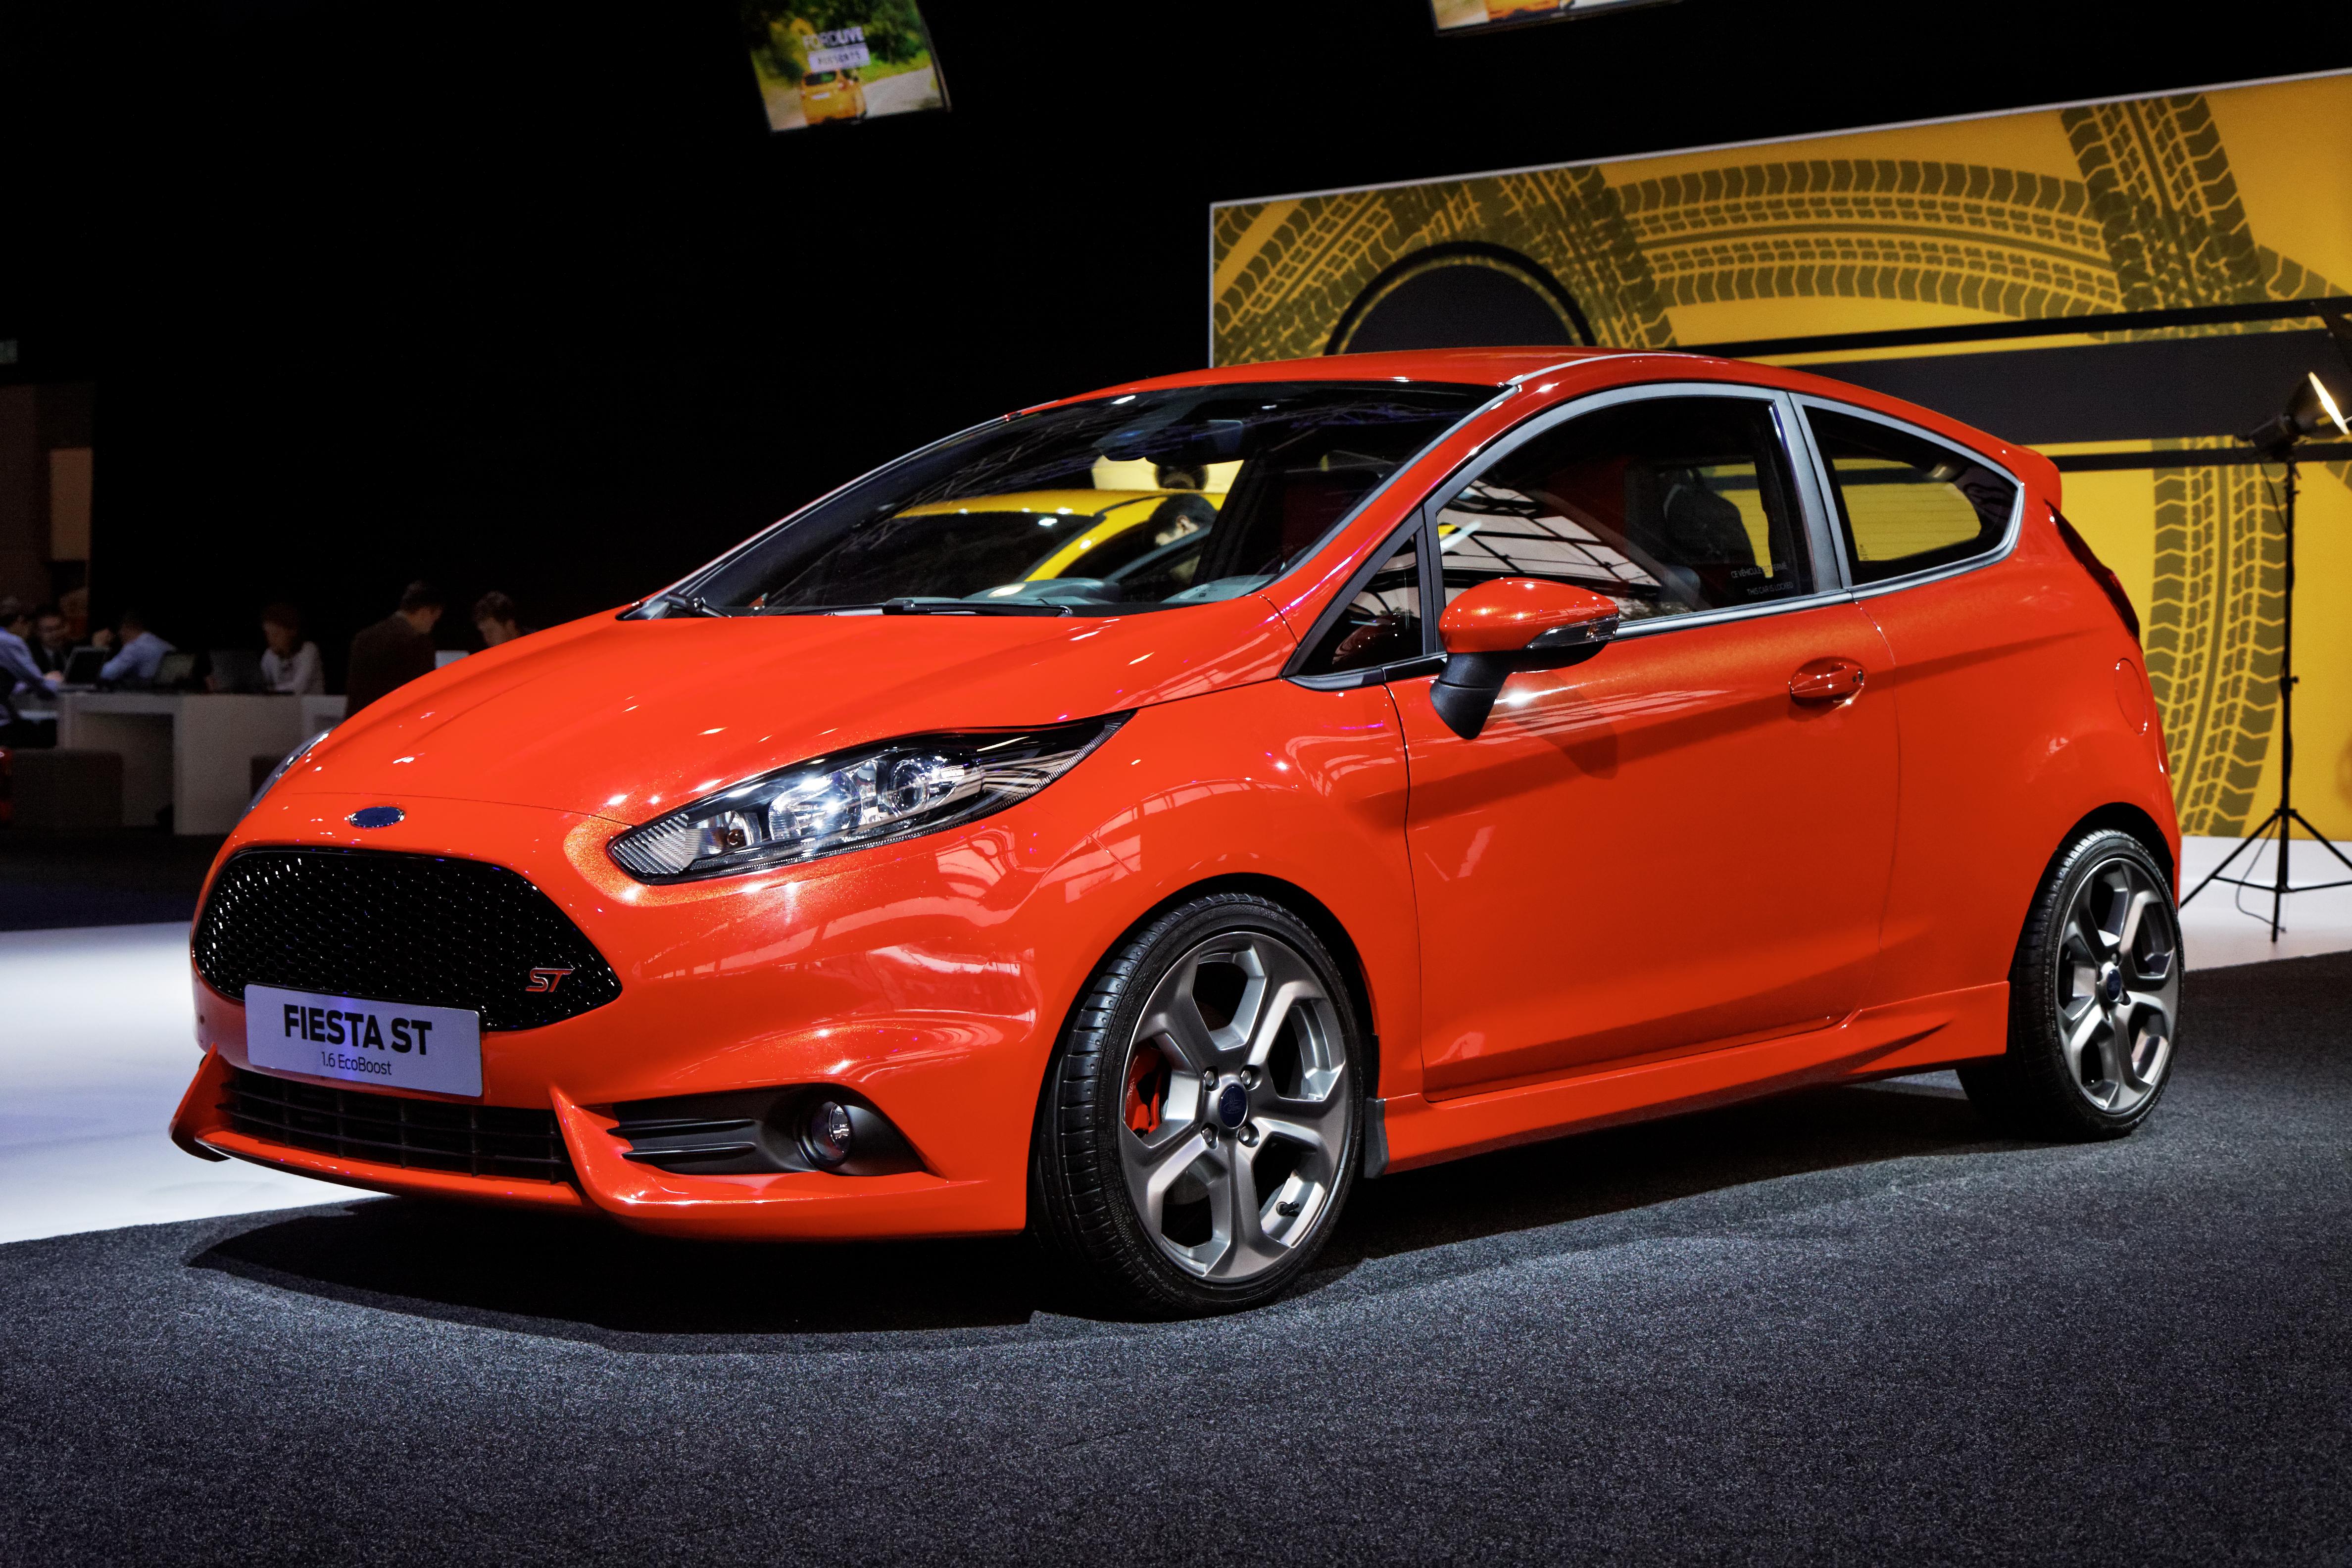 File:Ford Fiesta - Mondial de l'Automobile de Paris 2012 - 003 (image